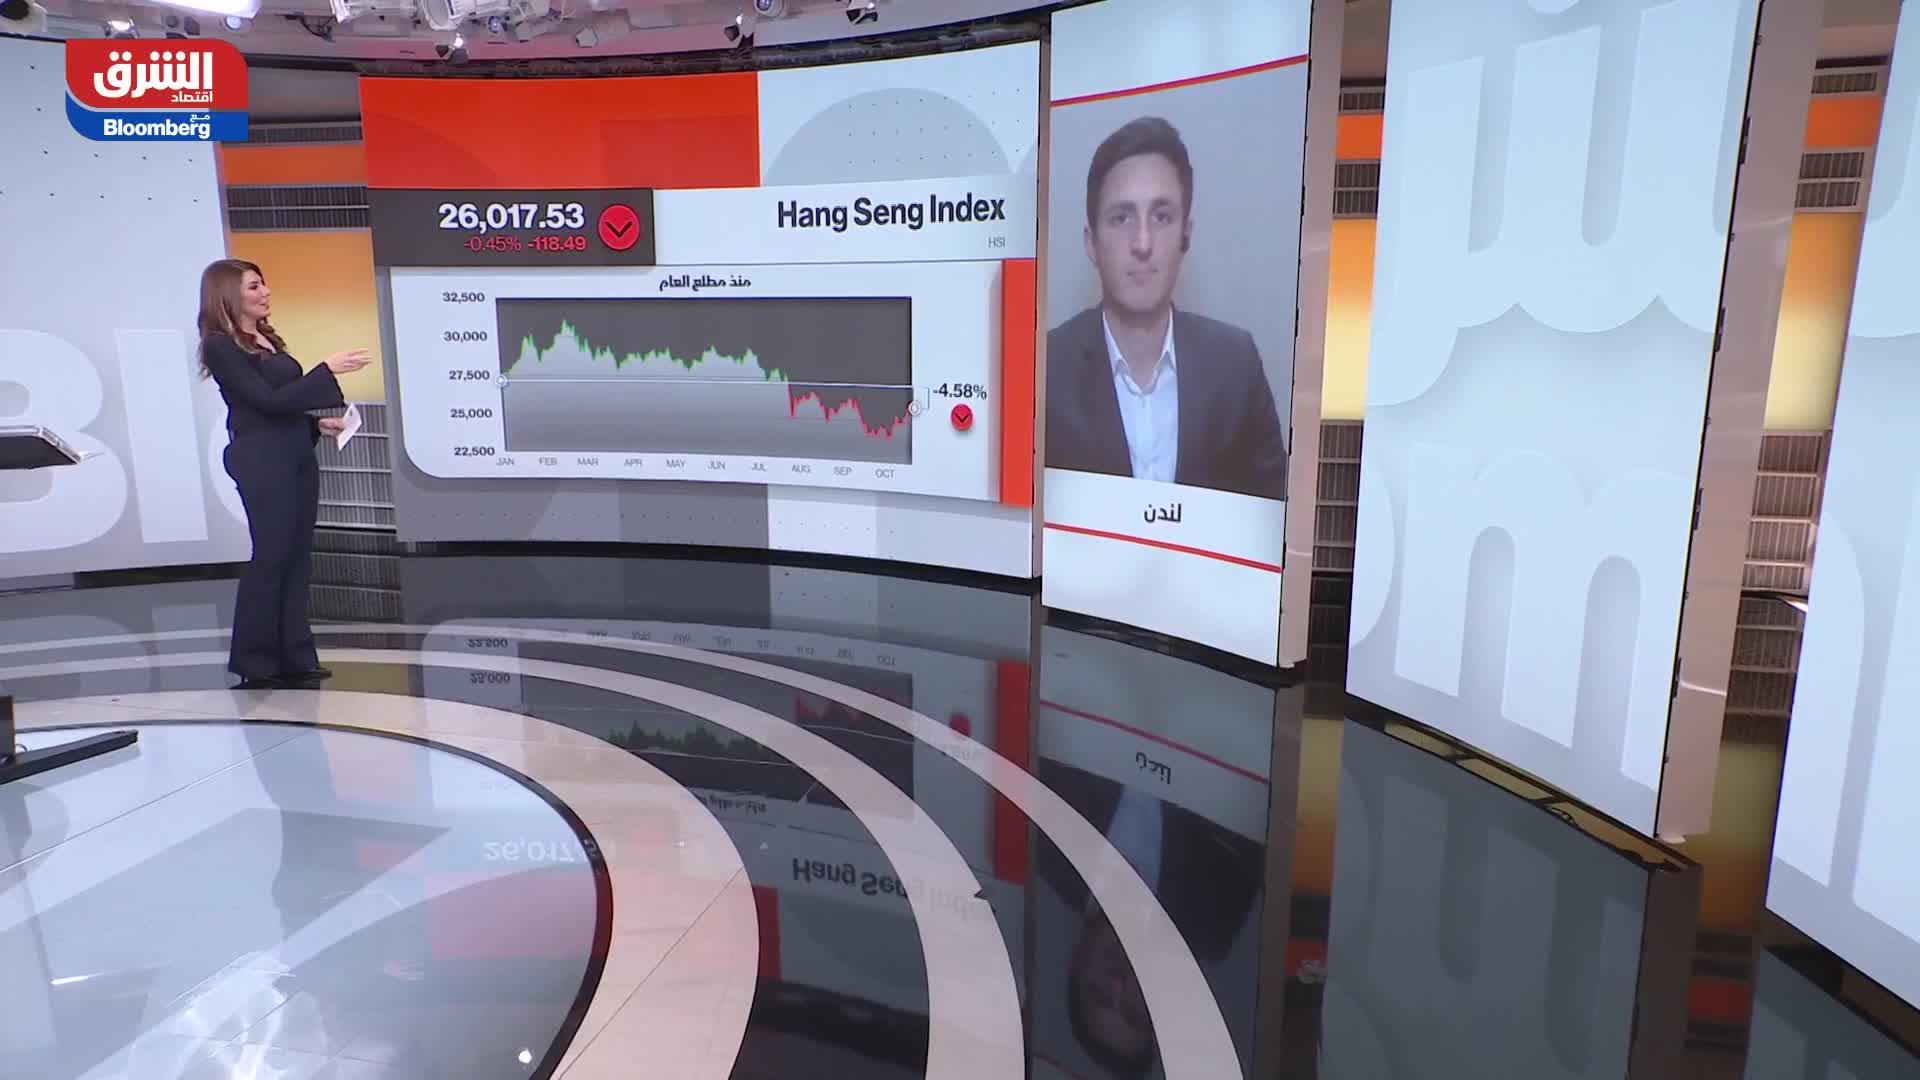 الأسهم الصينية تستقطب عمالقة وول ستريت.. في أي قطاع سيكون  الاستثمار؟